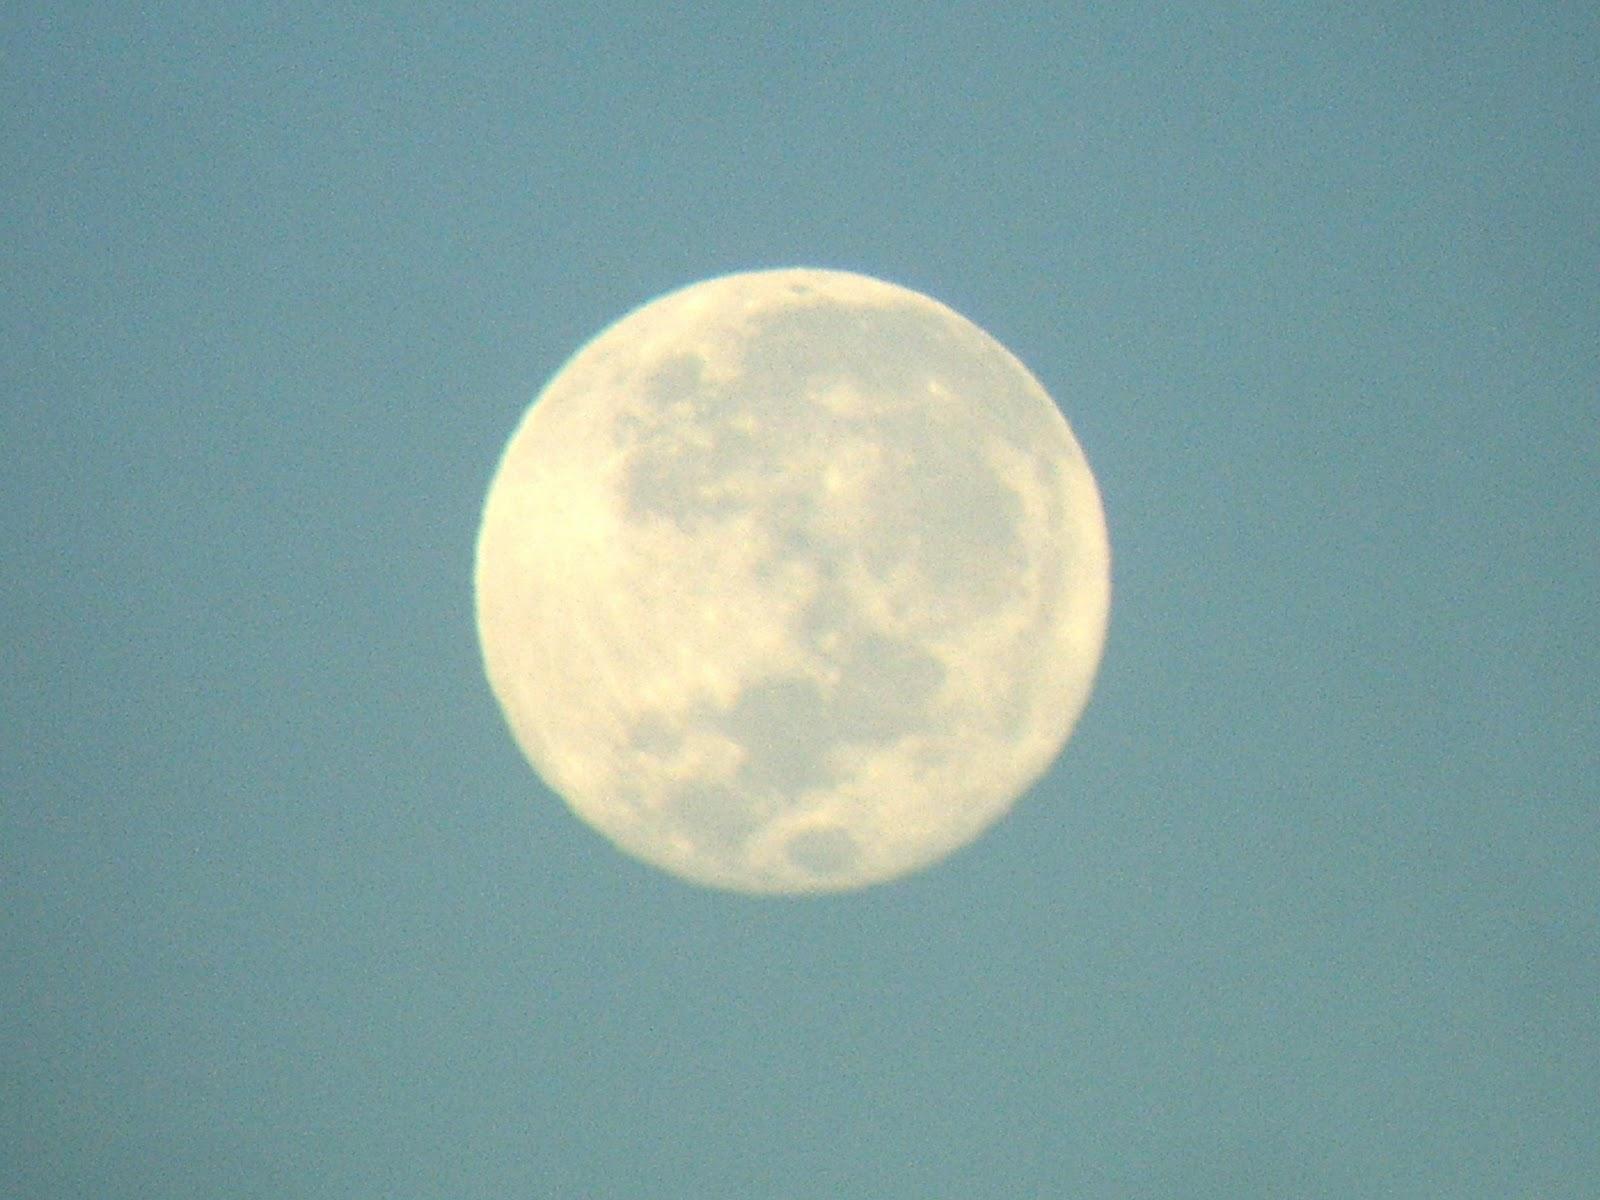 El esp ritu de contradicci n mis fotos de la luna for Hoy hay cambio de luna